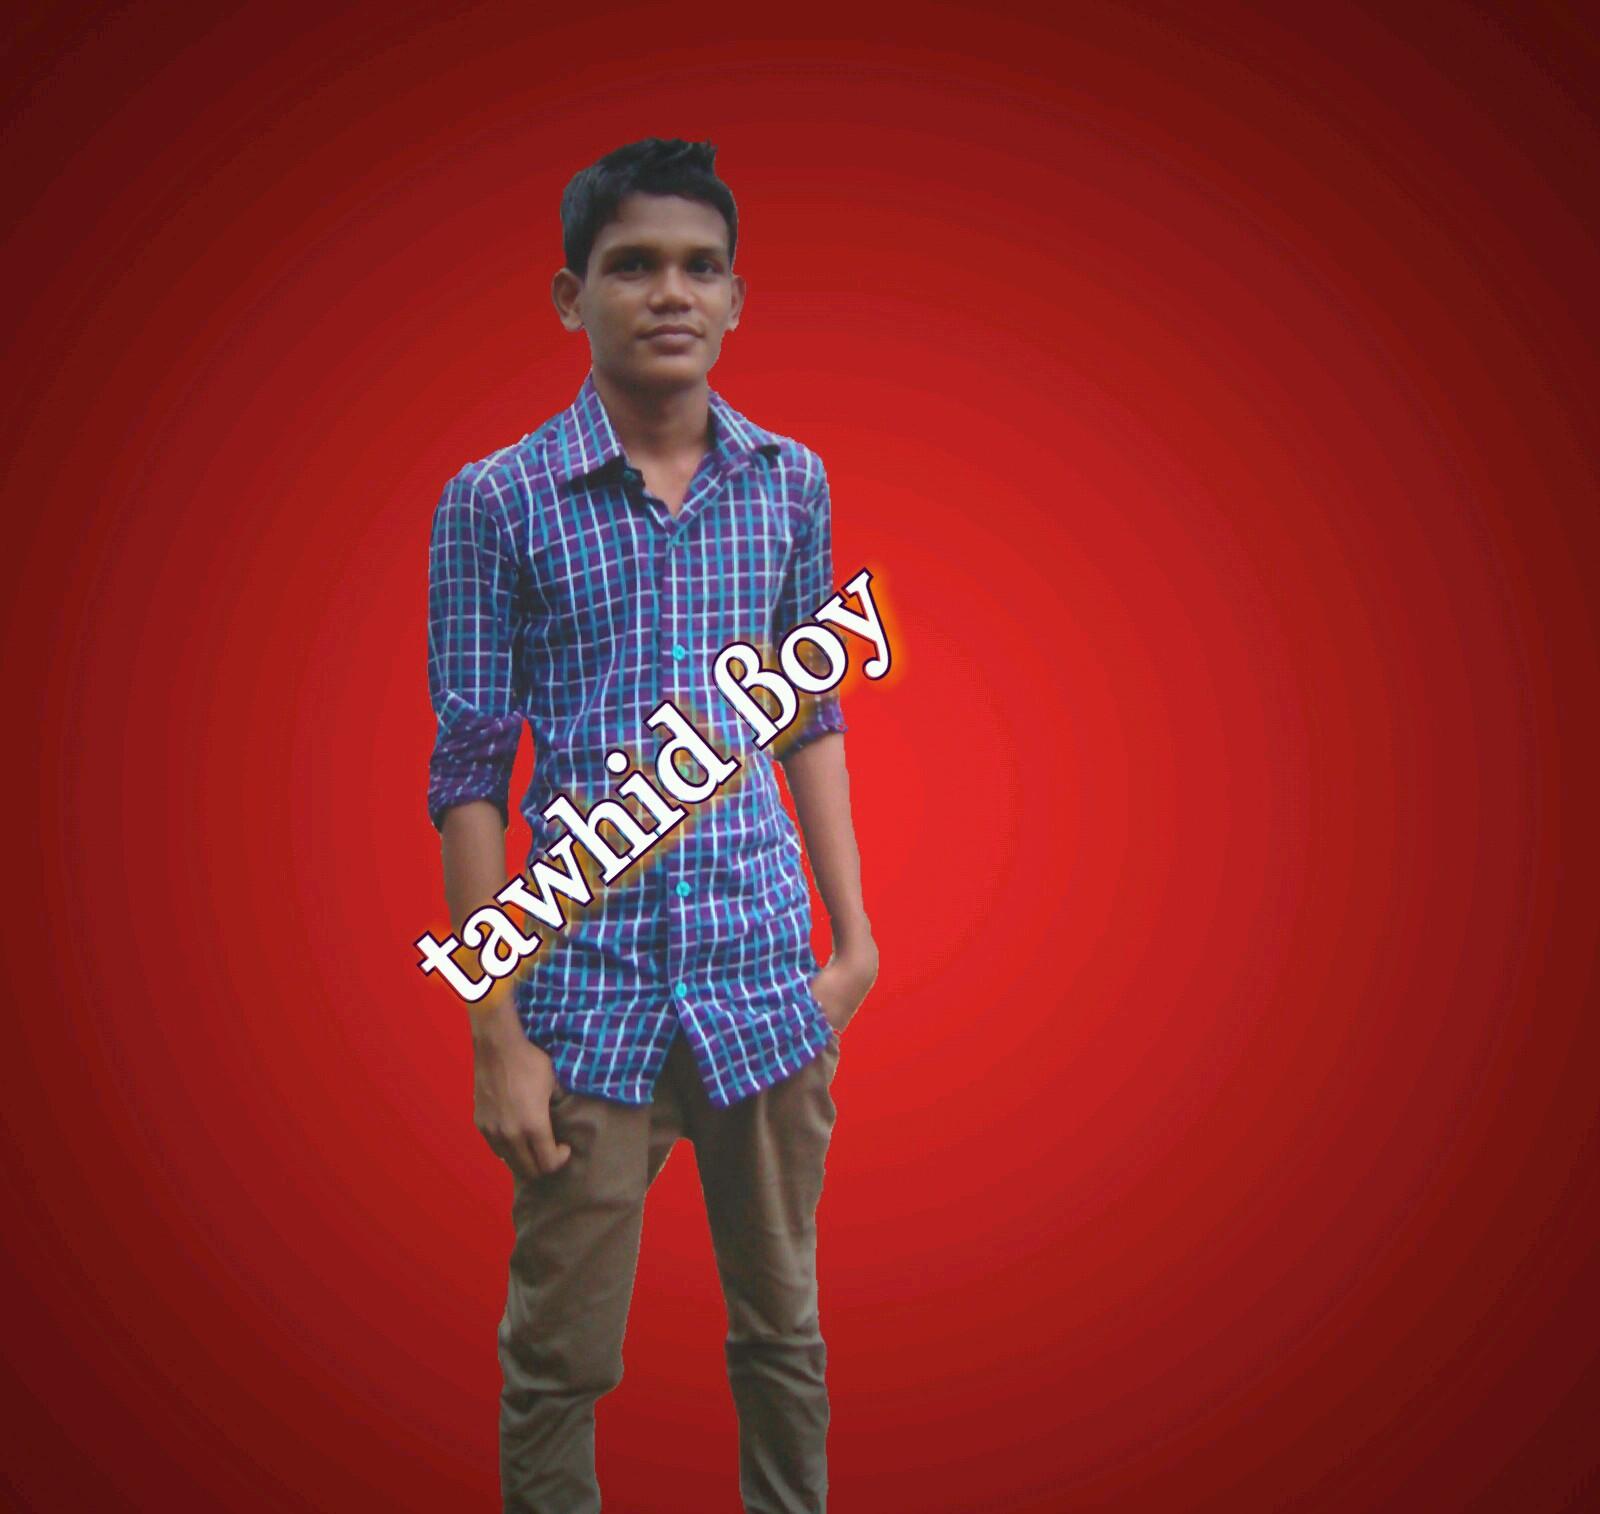 Tawhid boy Rony